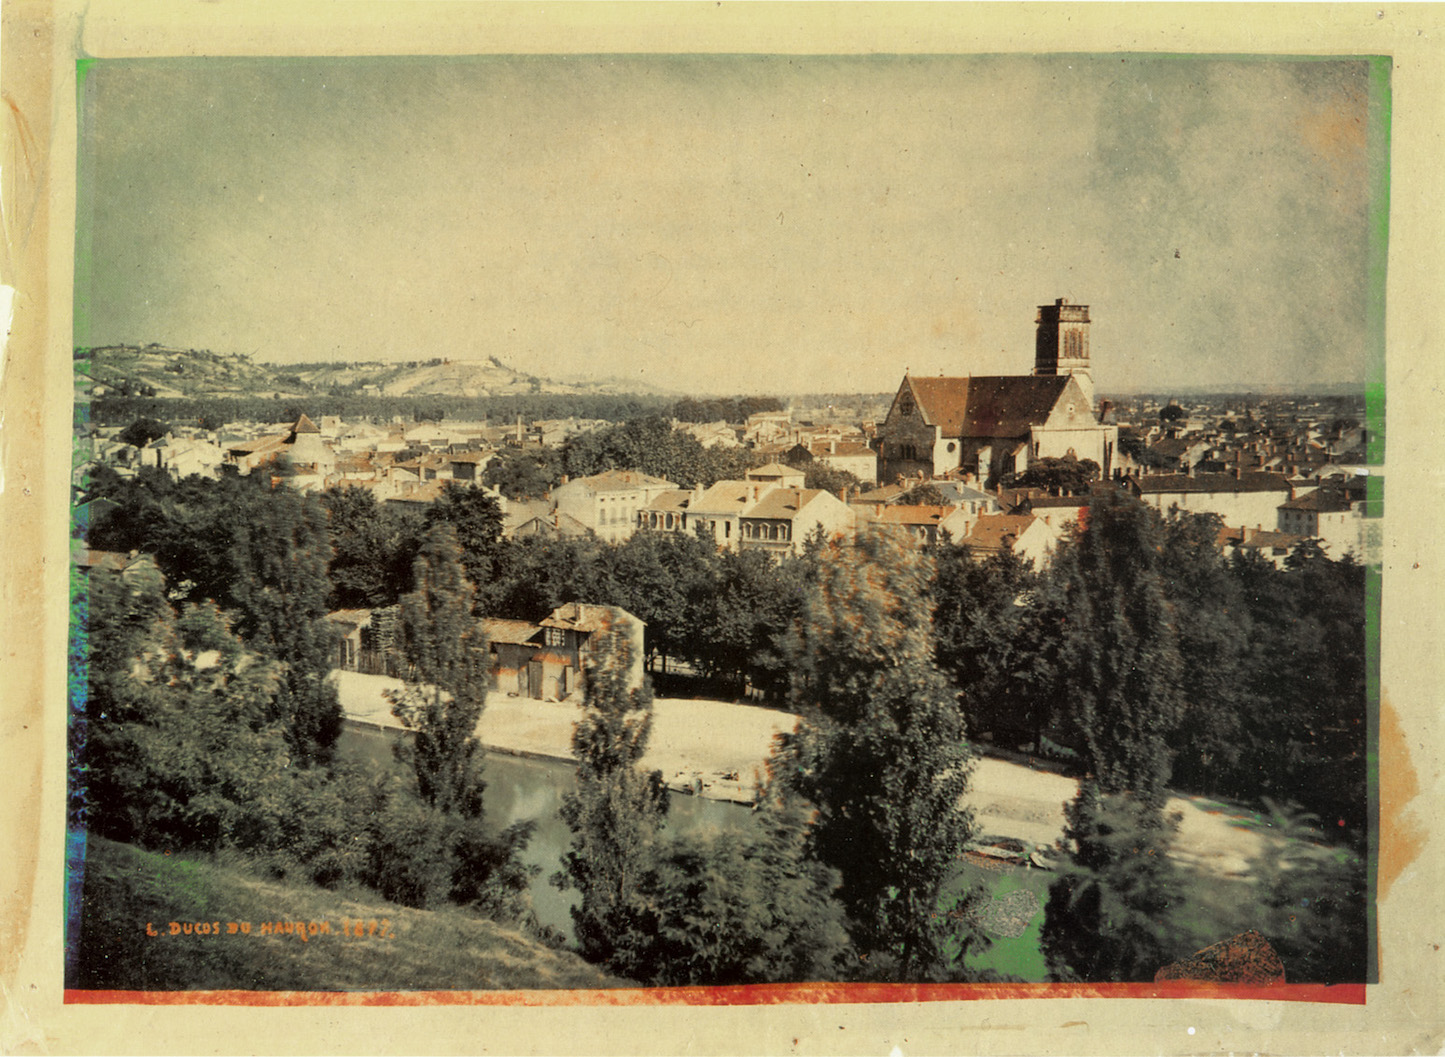 Image numérique histoire photographie <em>Agen</em>, photographie en trichromie, Louis Ducos du Hauron, 1877